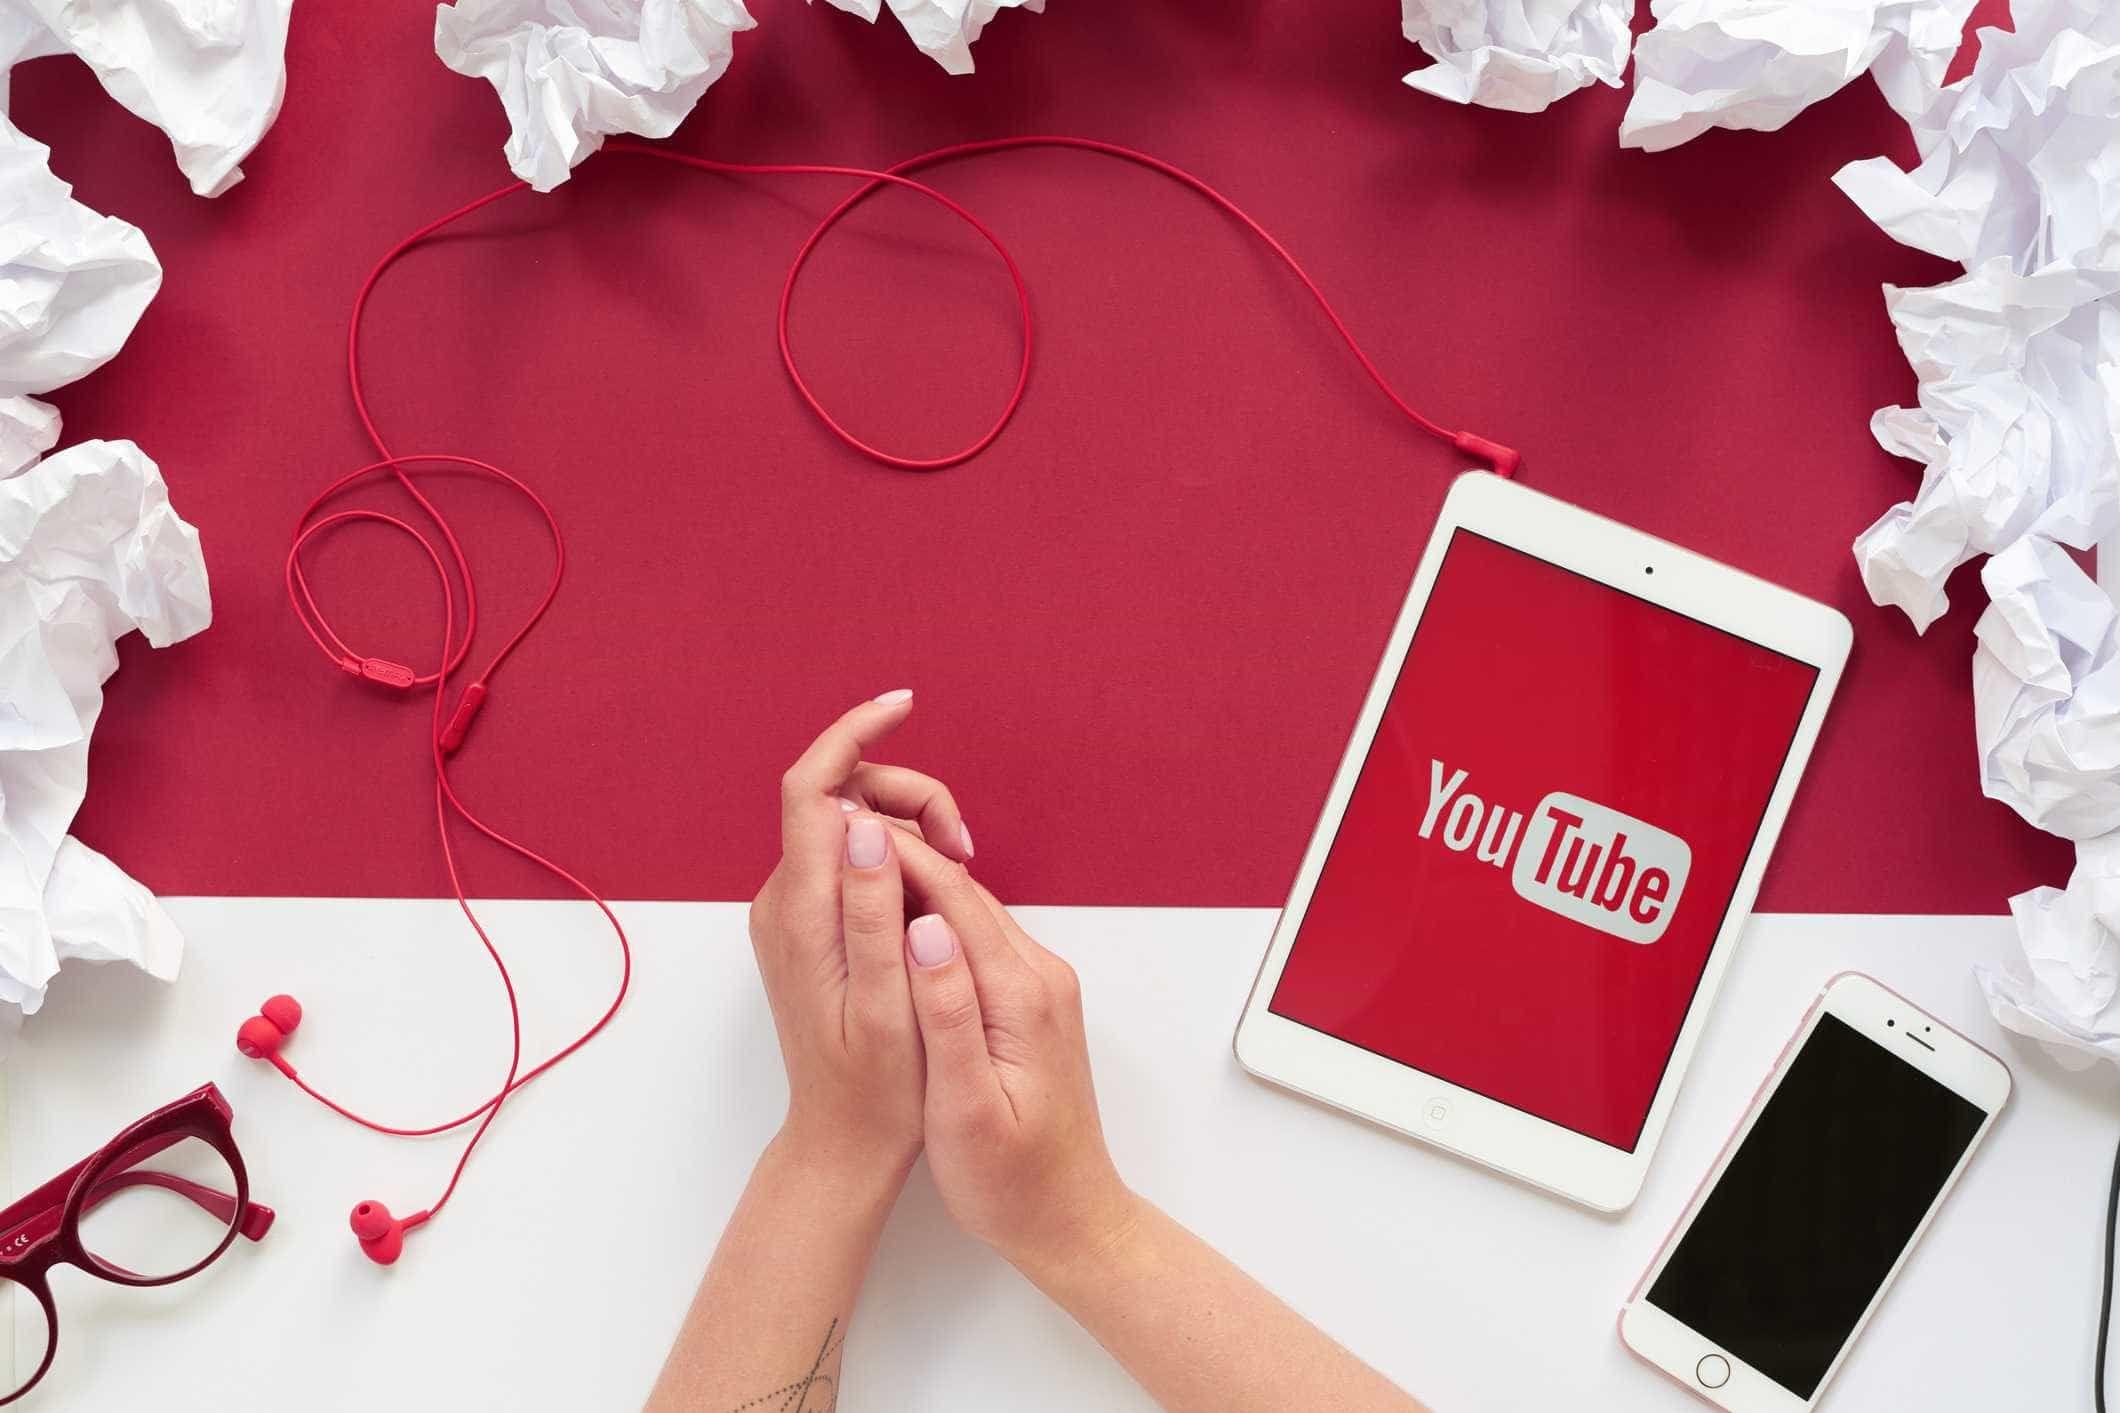 YouTube ignorou pedidos para remover vídeos falsos